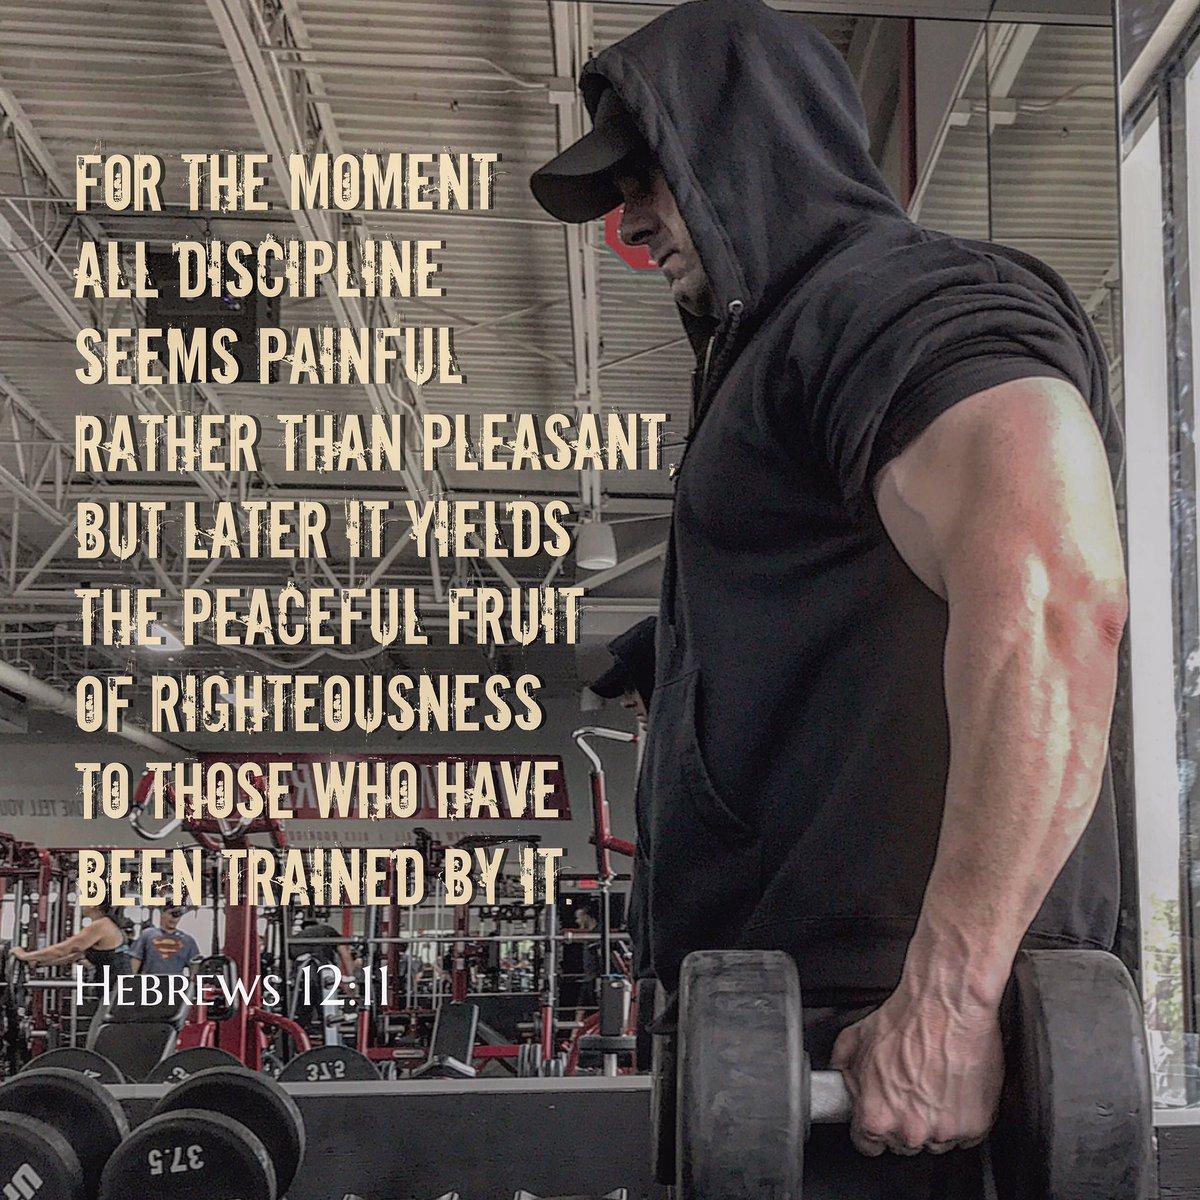 Hebrews 12-11 Discipline